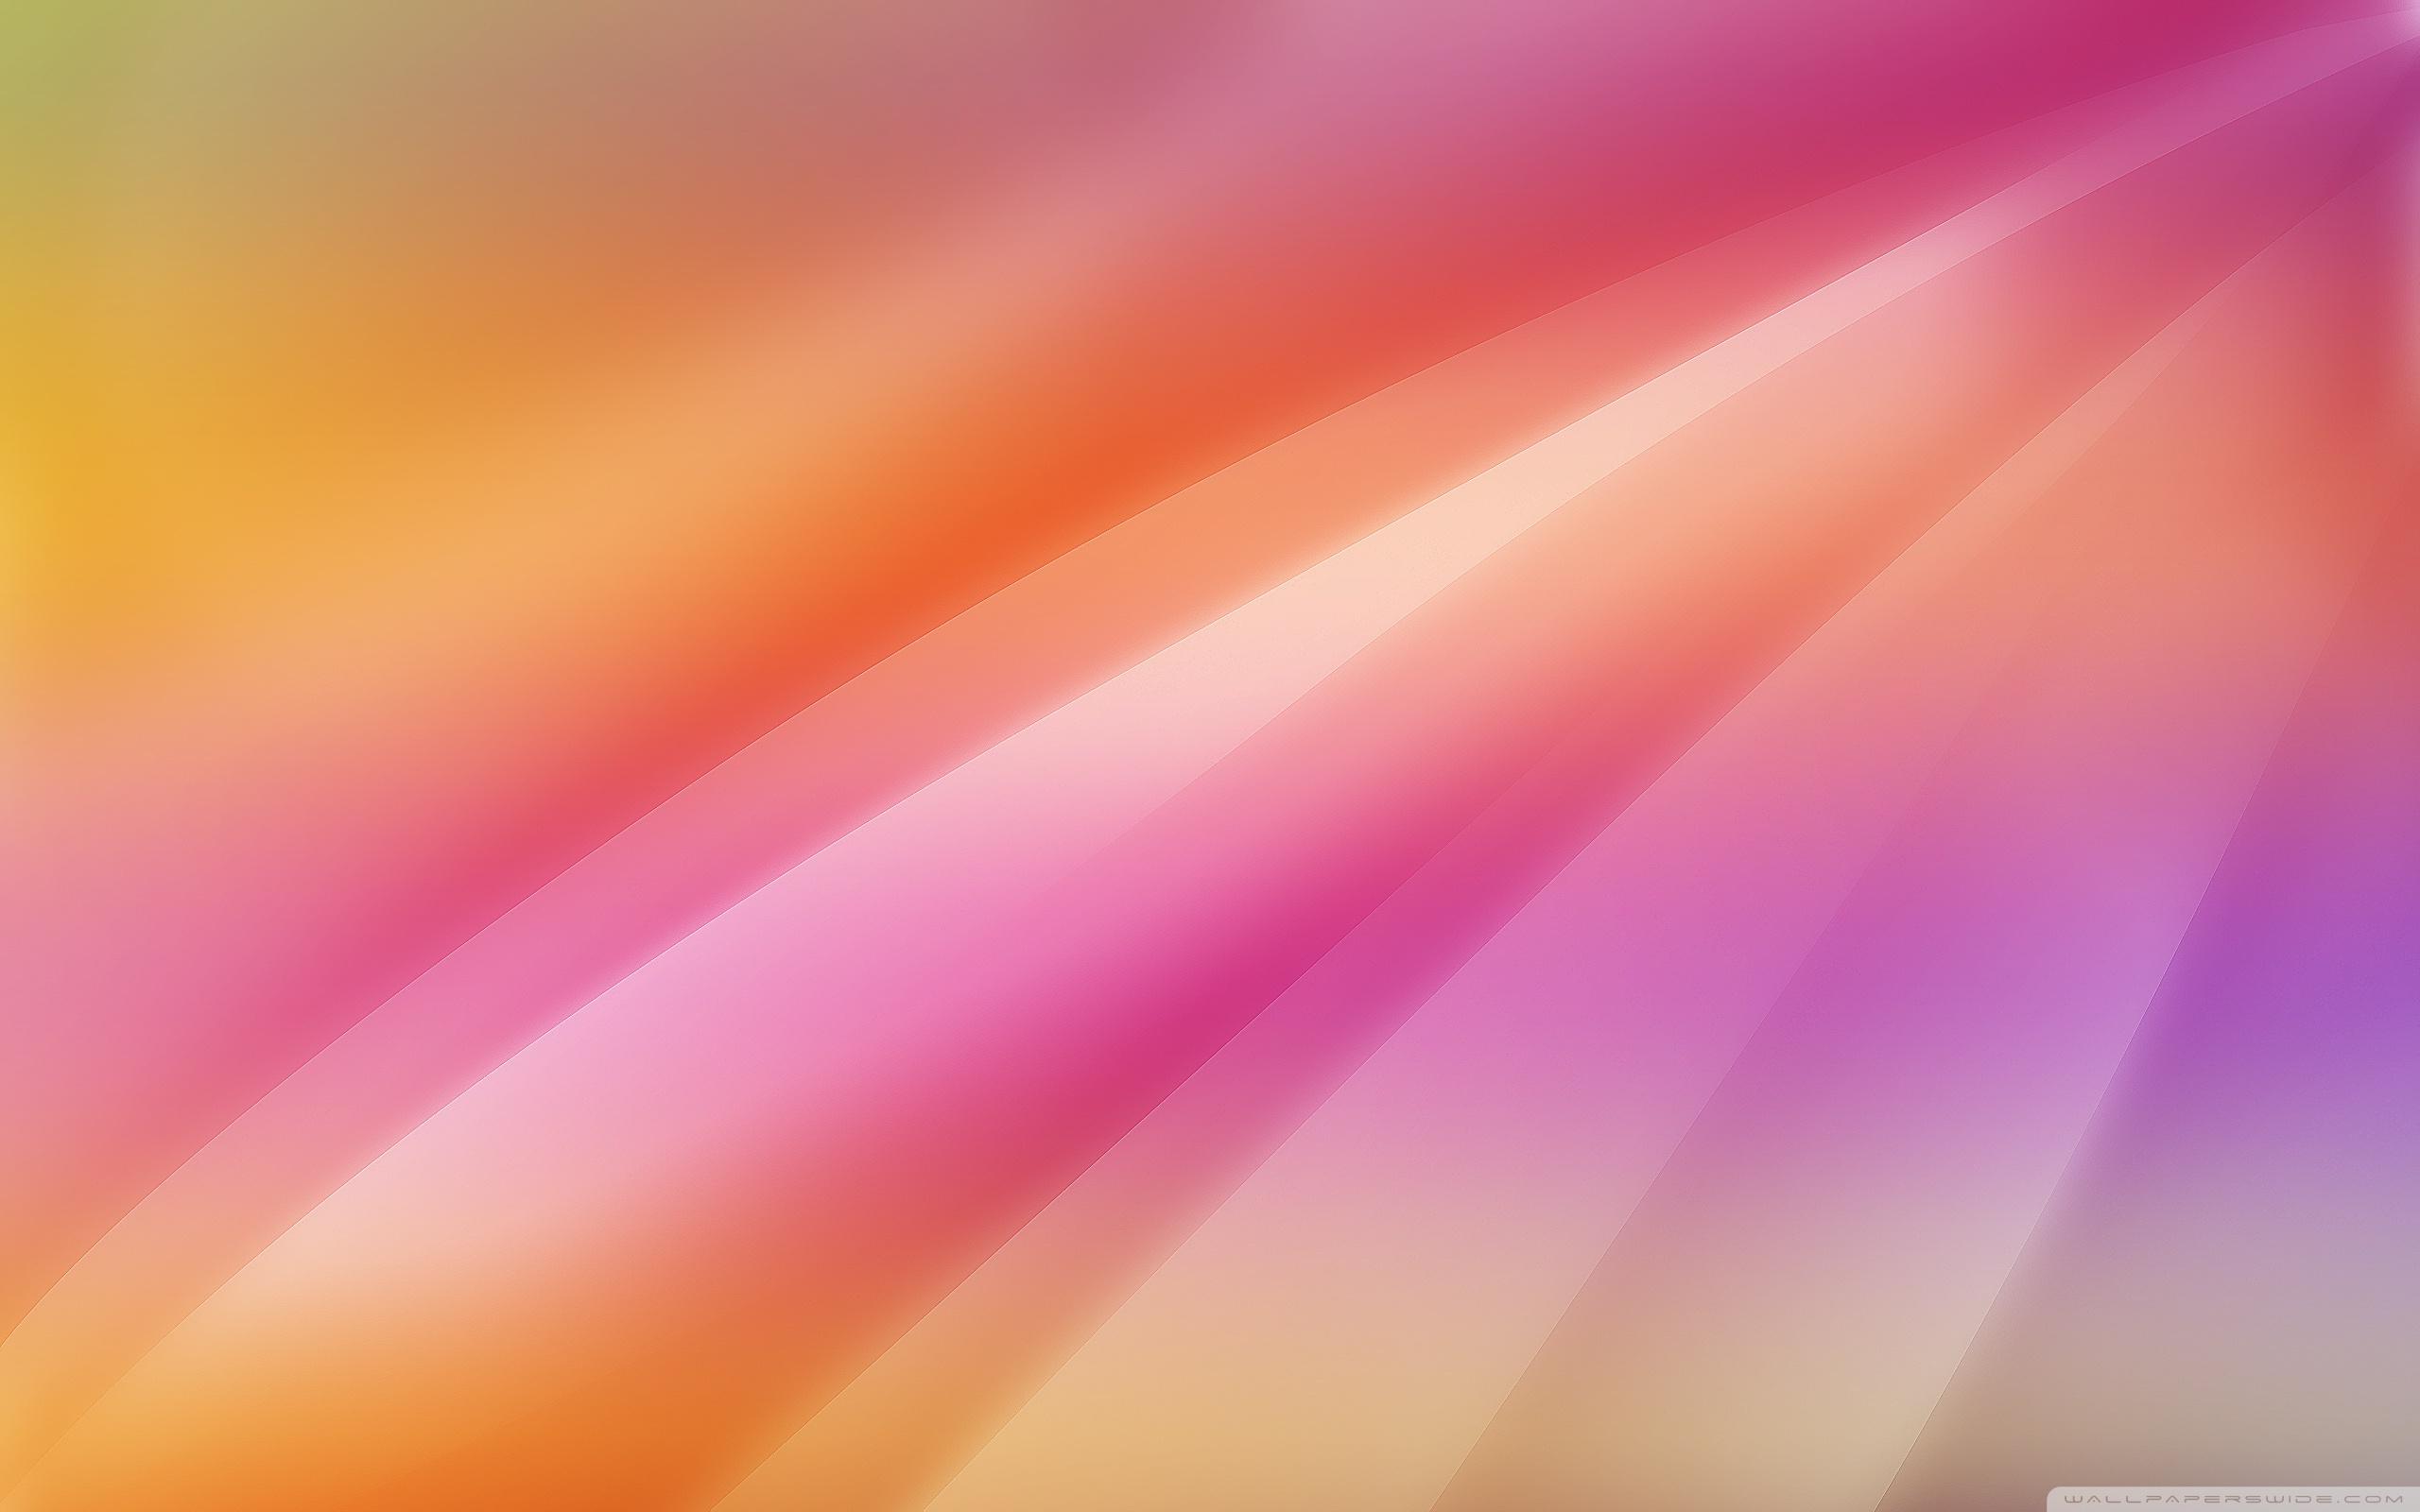 Warm Colors Wallpaper